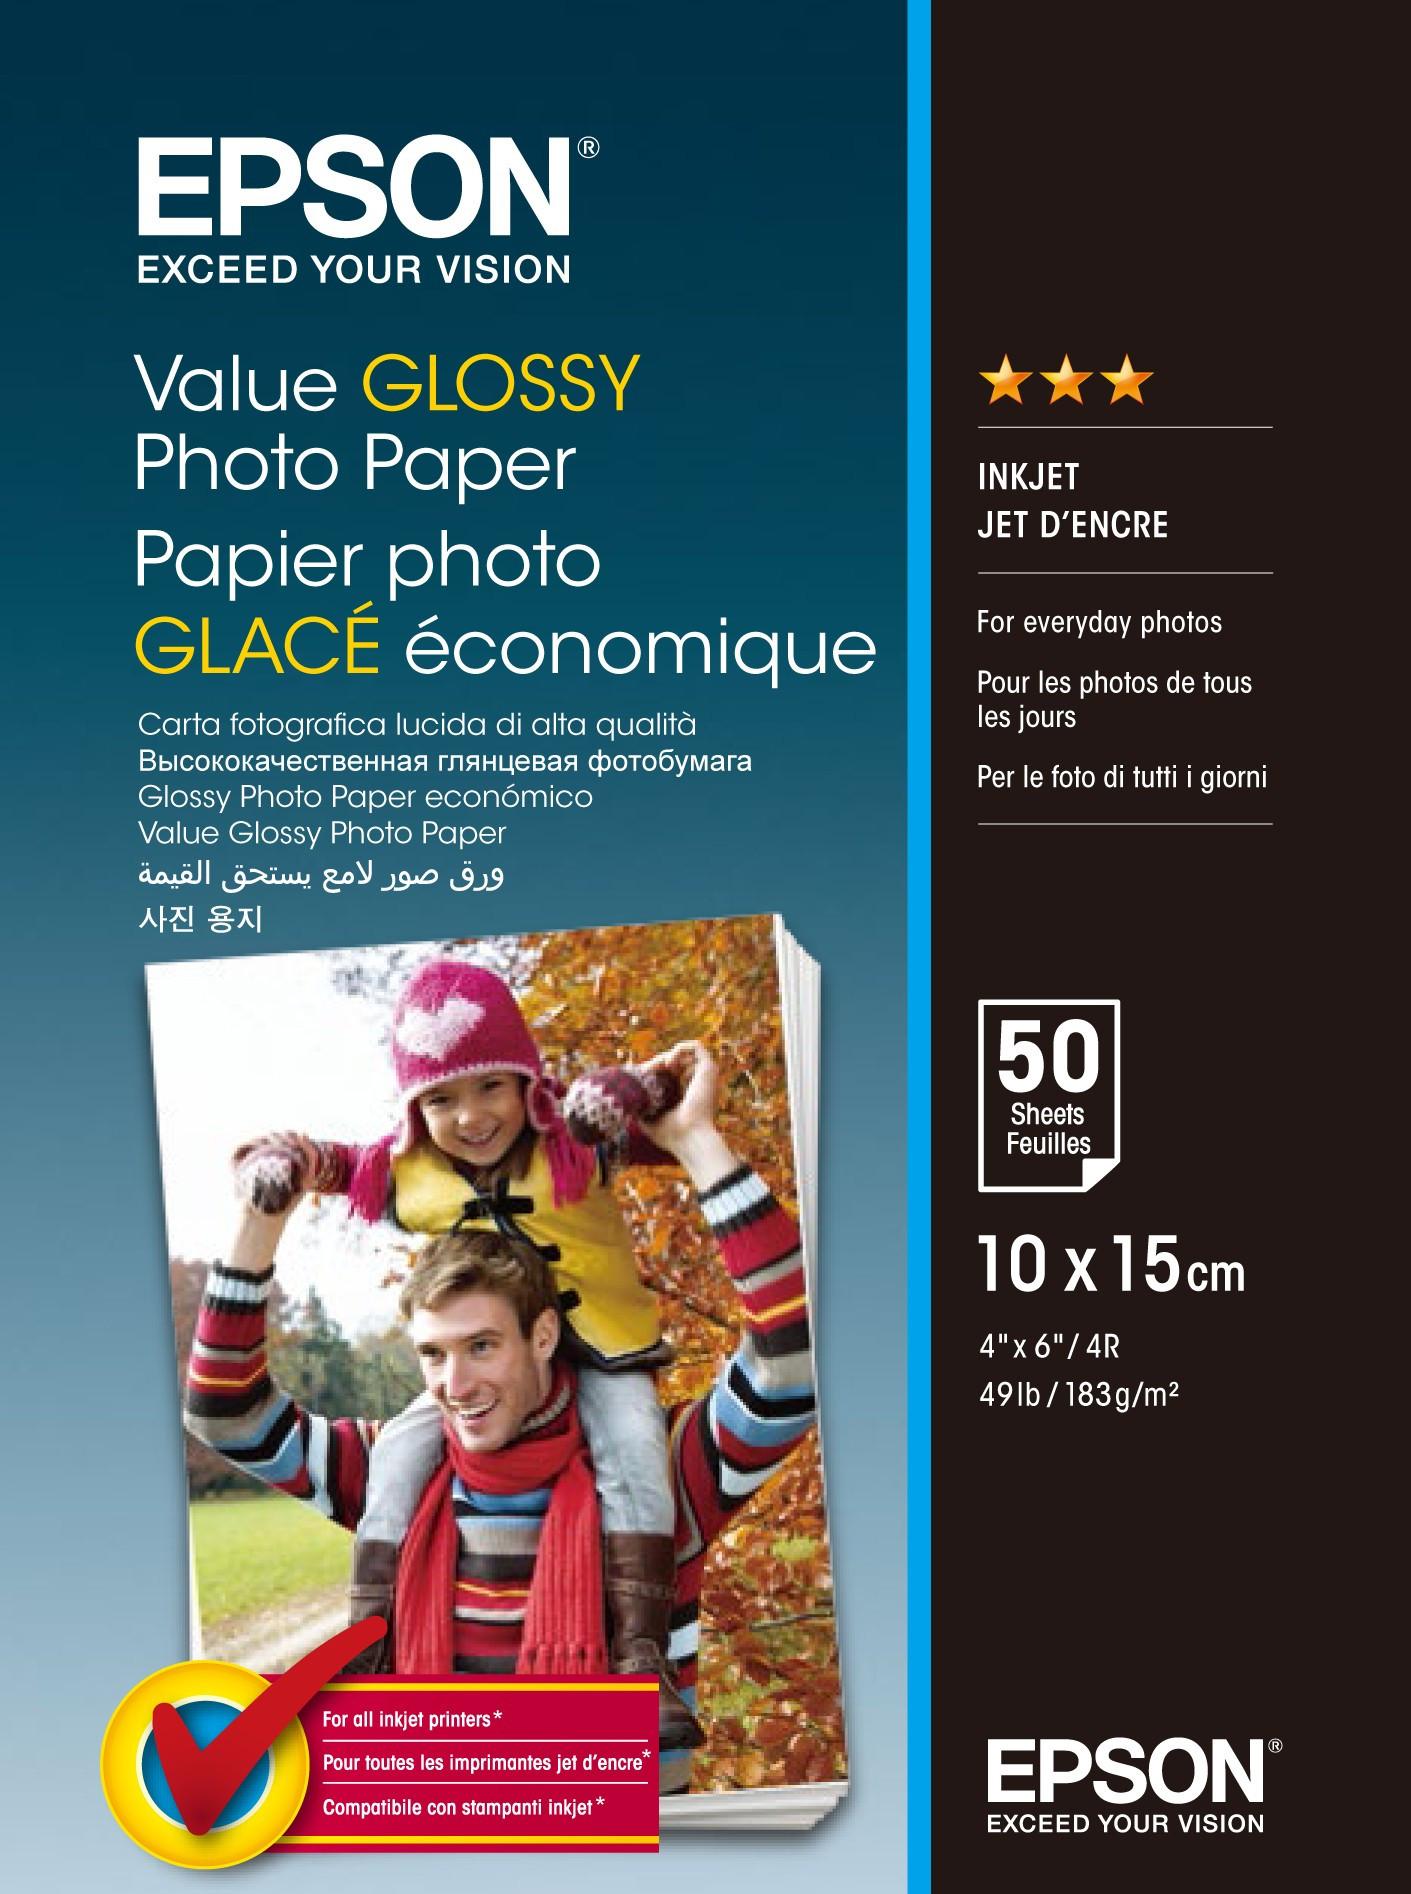 Epson 10x15 Gazdaságos Fényes Papír 50Lapos 183g